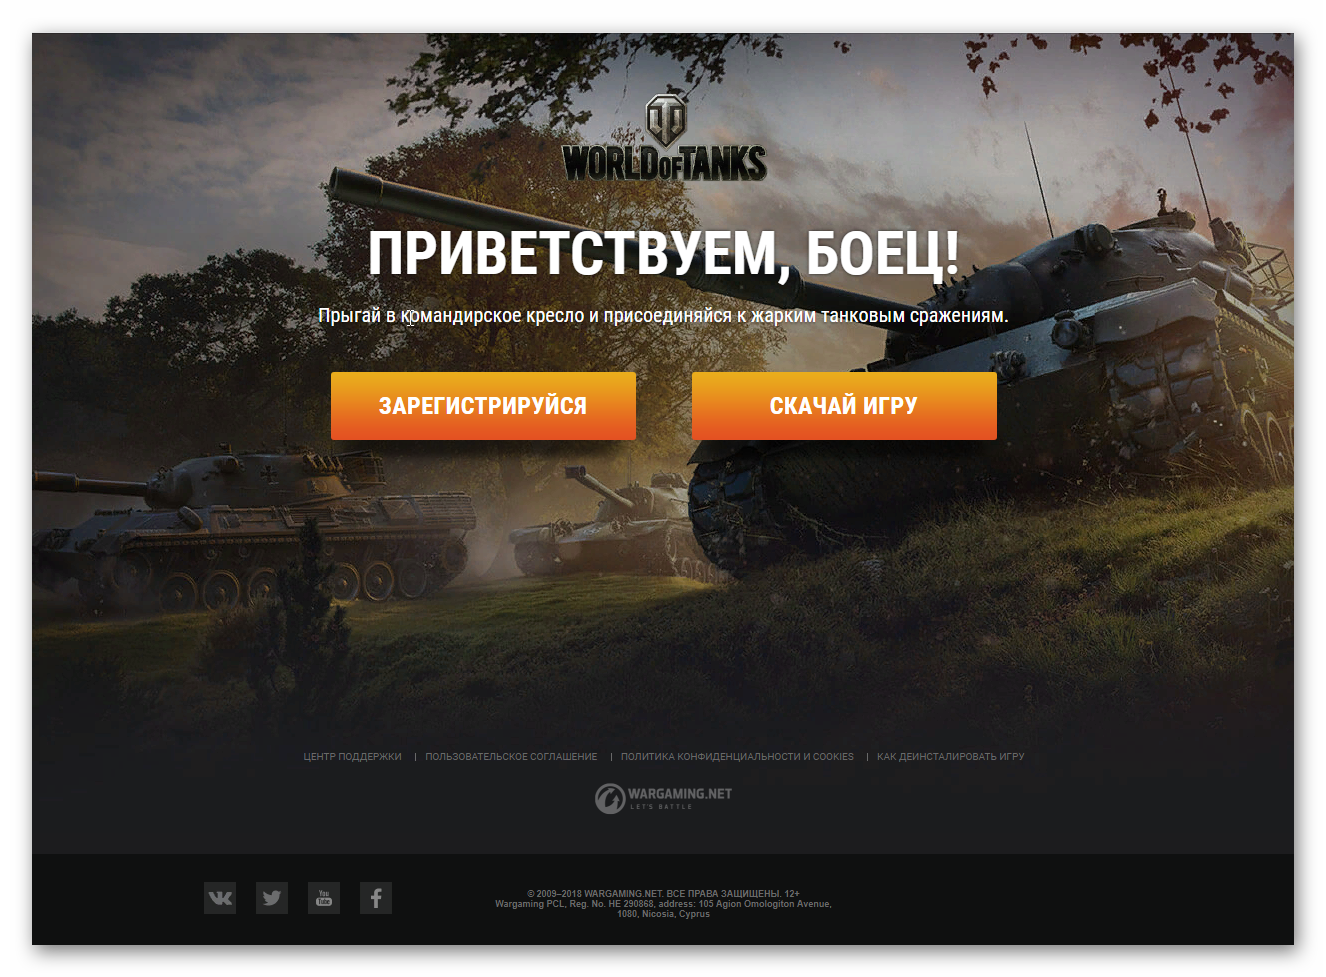 Создать аккаунт World of Tanks [с премом, голдой и танком]